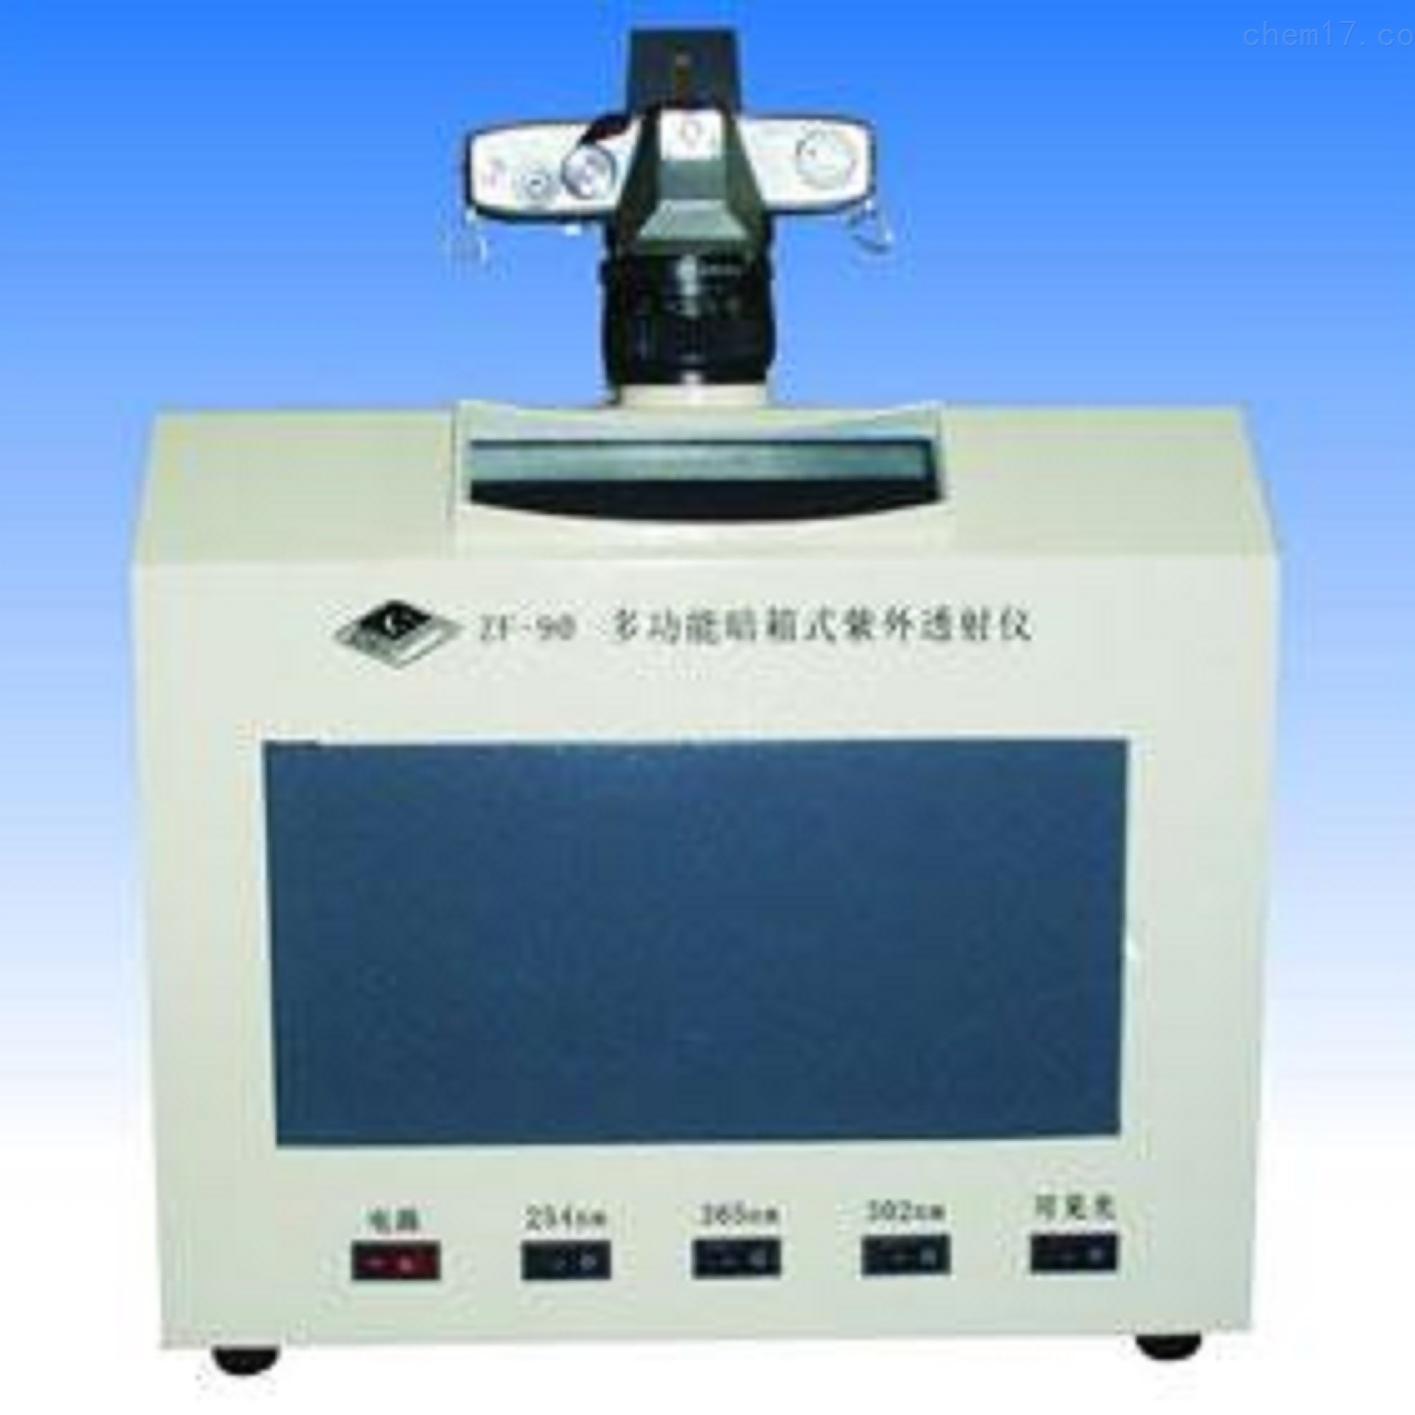 新型多功能暗箱式紫外透射仪